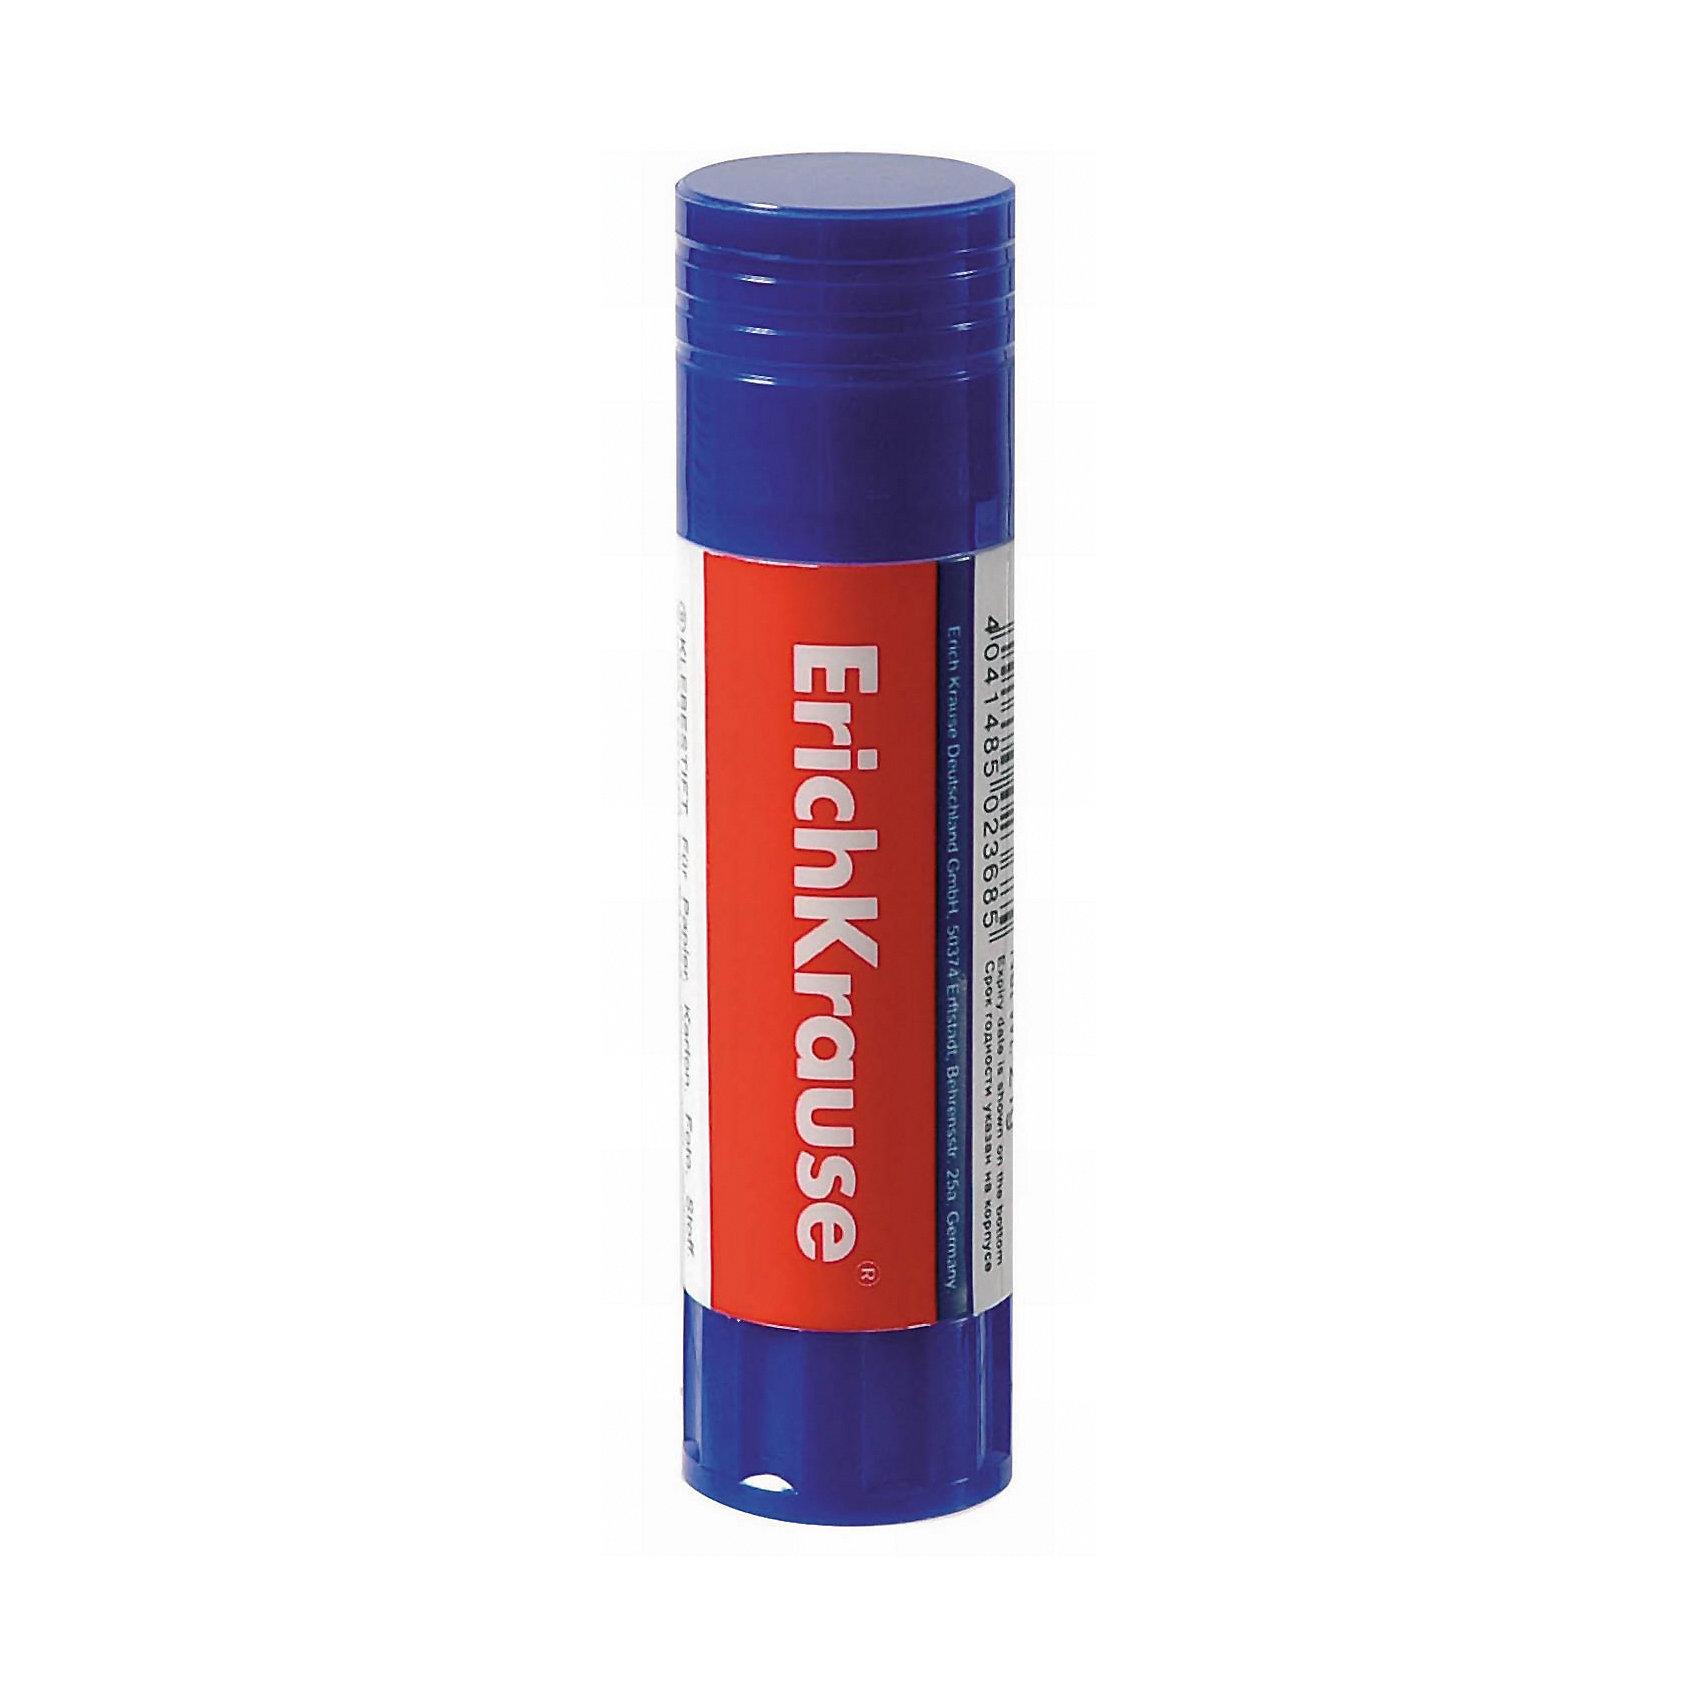 Клей-карандаш 21 г., Erich KrauseКлей-карандаш 21 г., Erich Krause (Эрих Краузе). <br><br>Характеристика: <br><br>• Материал: пластик, клей. <br>• Объем: 21 г.<br>• Размер упаковки: 2,5 x 2,5 x 10 см.<br>• Подходит для бумаги, картона, ткани. <br>• Не деформирует бумагу. <br>• Нетоксичный состав. <br>• Быстро сохнет, не оставляет разводов, легко смывается с рук.<br><br>Клей-карандаш Erich Krause отлично склеивает бумагу, картона, ткань; быстро сохнет, не имеет резкого запаха, безопасен при использовании по назначению Клей не оставляет разводов, легко смывается с рук, не деформирует бумагу.<br><br>Клей-карандаш 21 г., Erich Krause (Эрих Краузе), можно купить в нашем интернет-магазине.<br><br>Ширина мм: 25<br>Глубина мм: 97<br>Высота мм: 25<br>Вес г: 70<br>Возраст от месяцев: 84<br>Возраст до месяцев: 2147483647<br>Пол: Унисекс<br>Возраст: Детский<br>SKU: 5436341